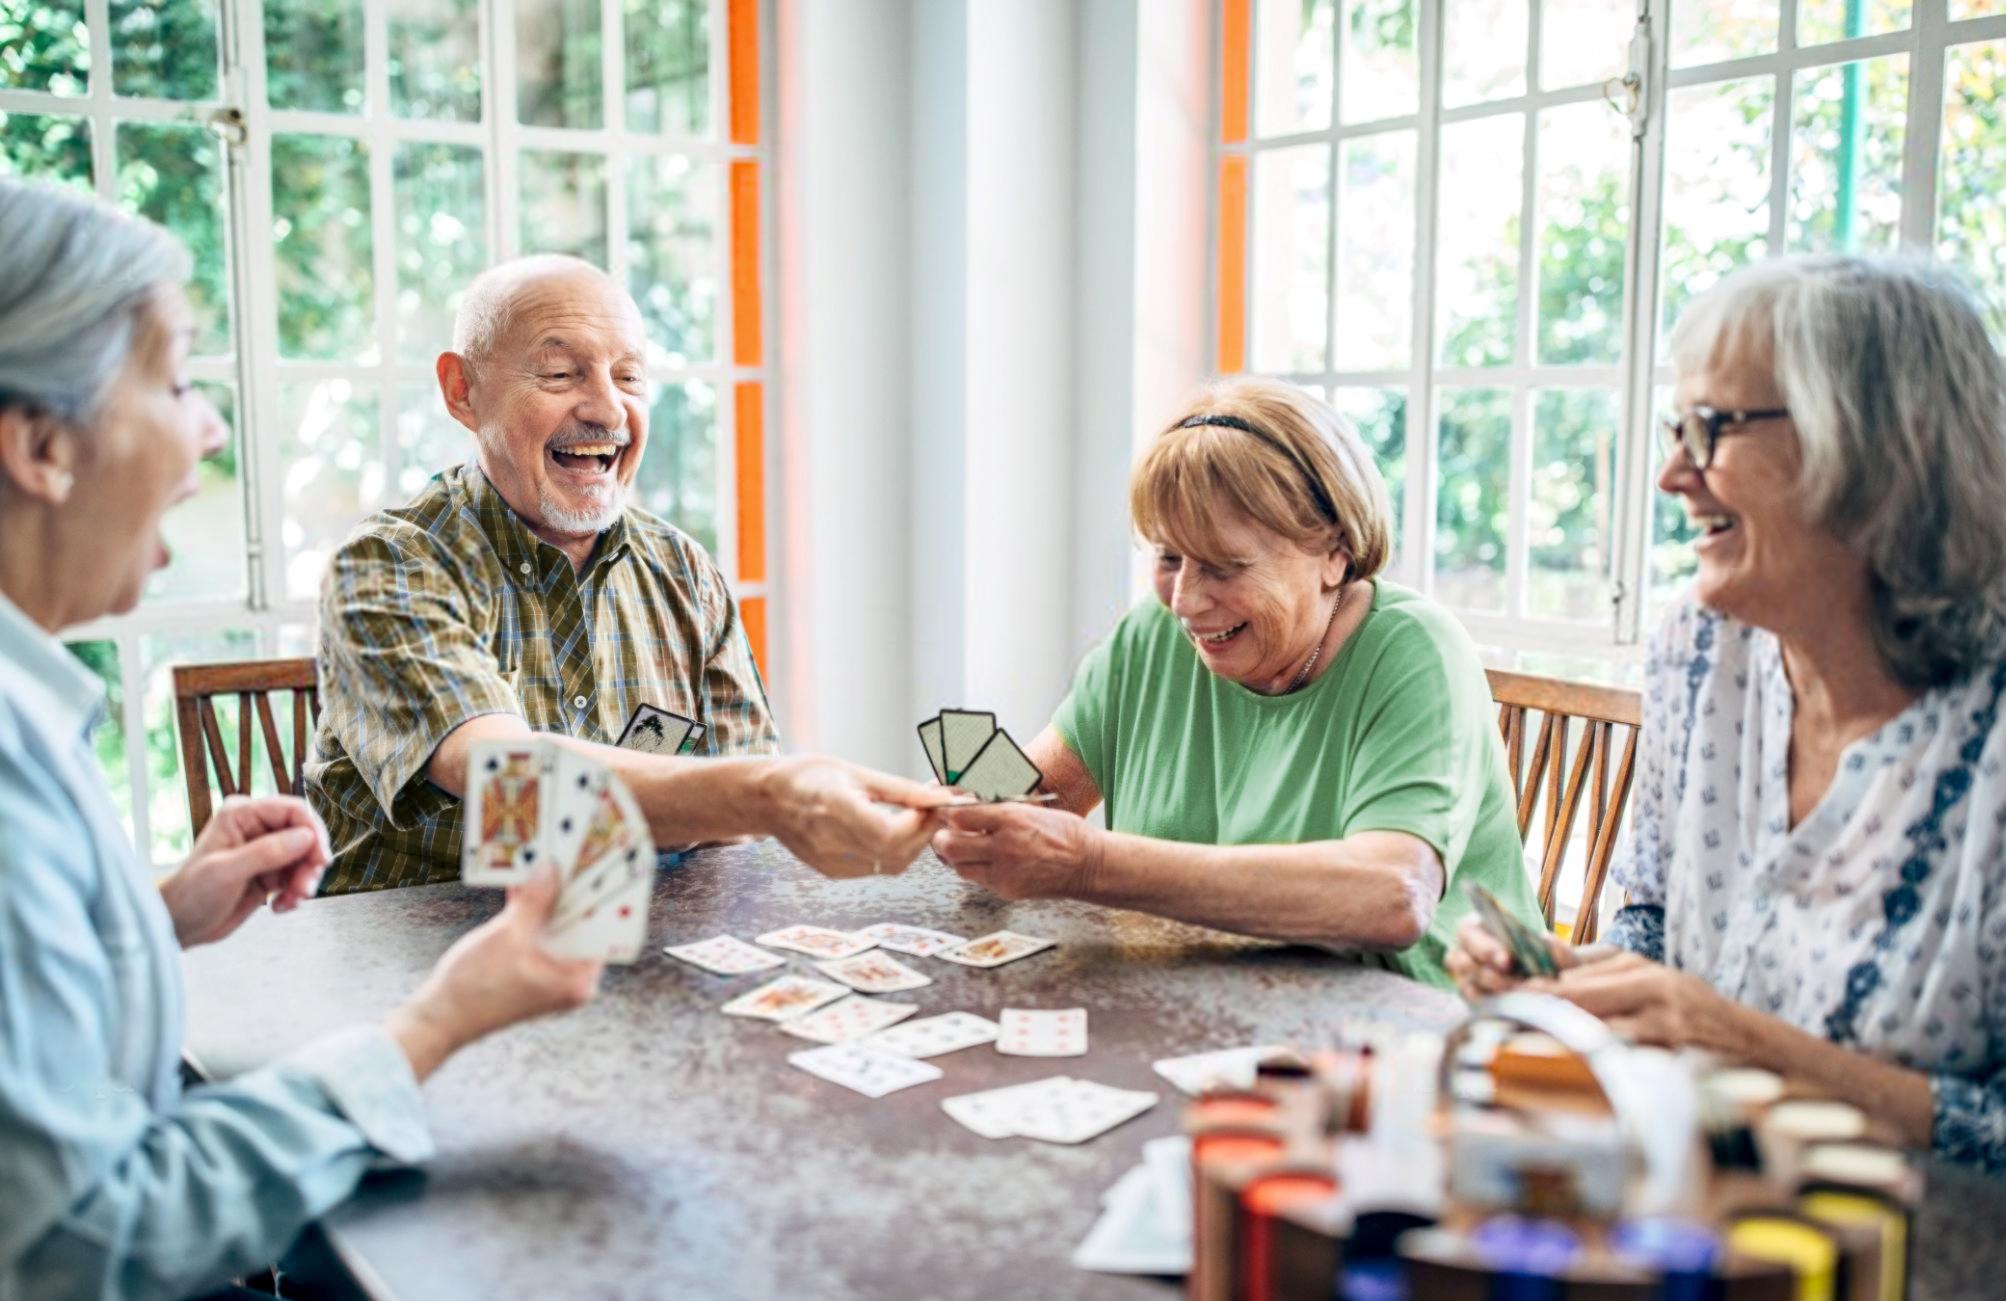 5 critères pour trouver la meilleure résidence pour personnes âgées